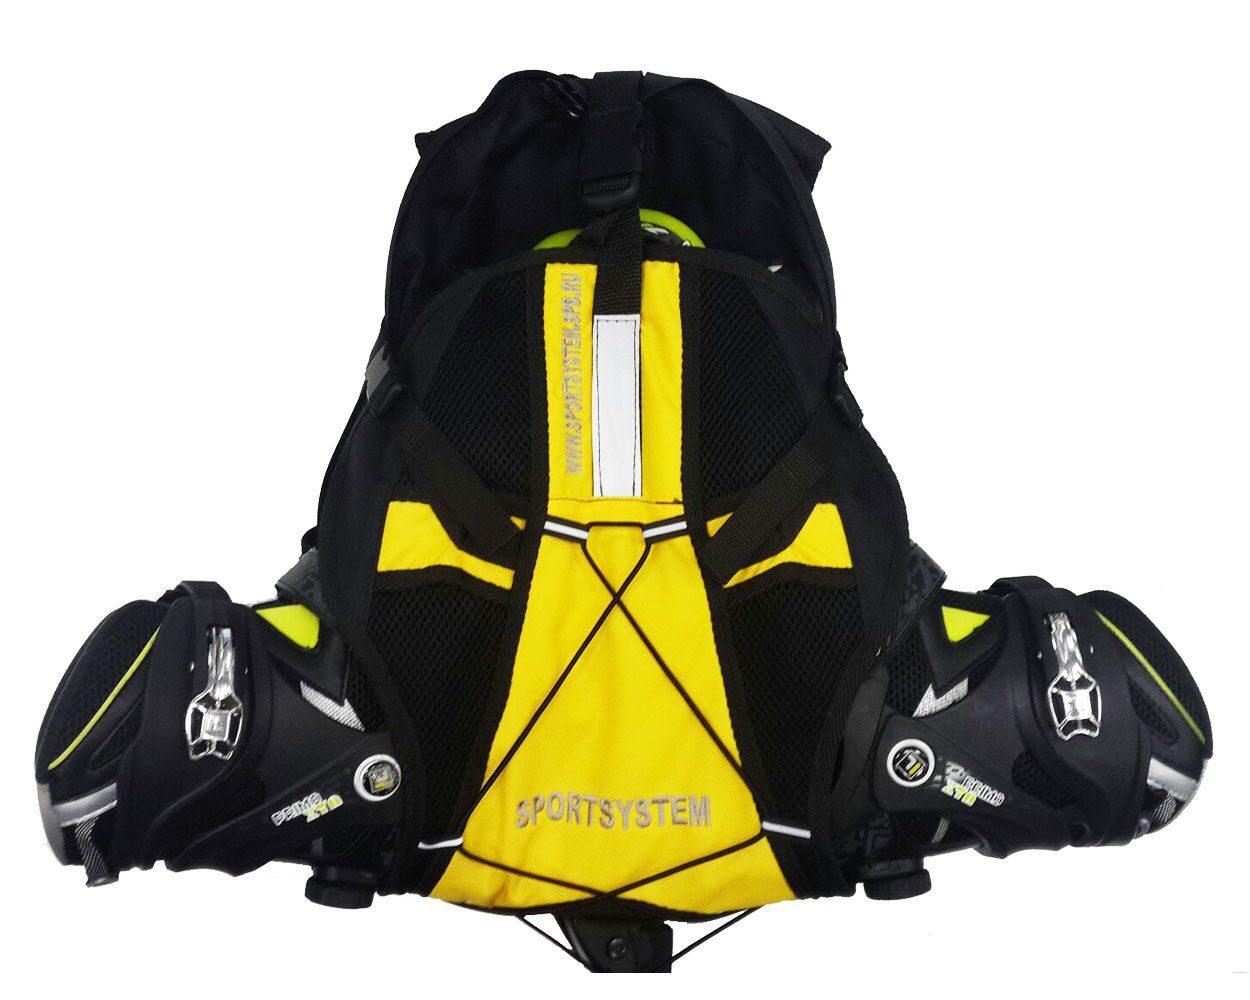 Рюкзак для роликовых коньков купить в спб рюкзак дошкольный милая пони купить екатеринбург